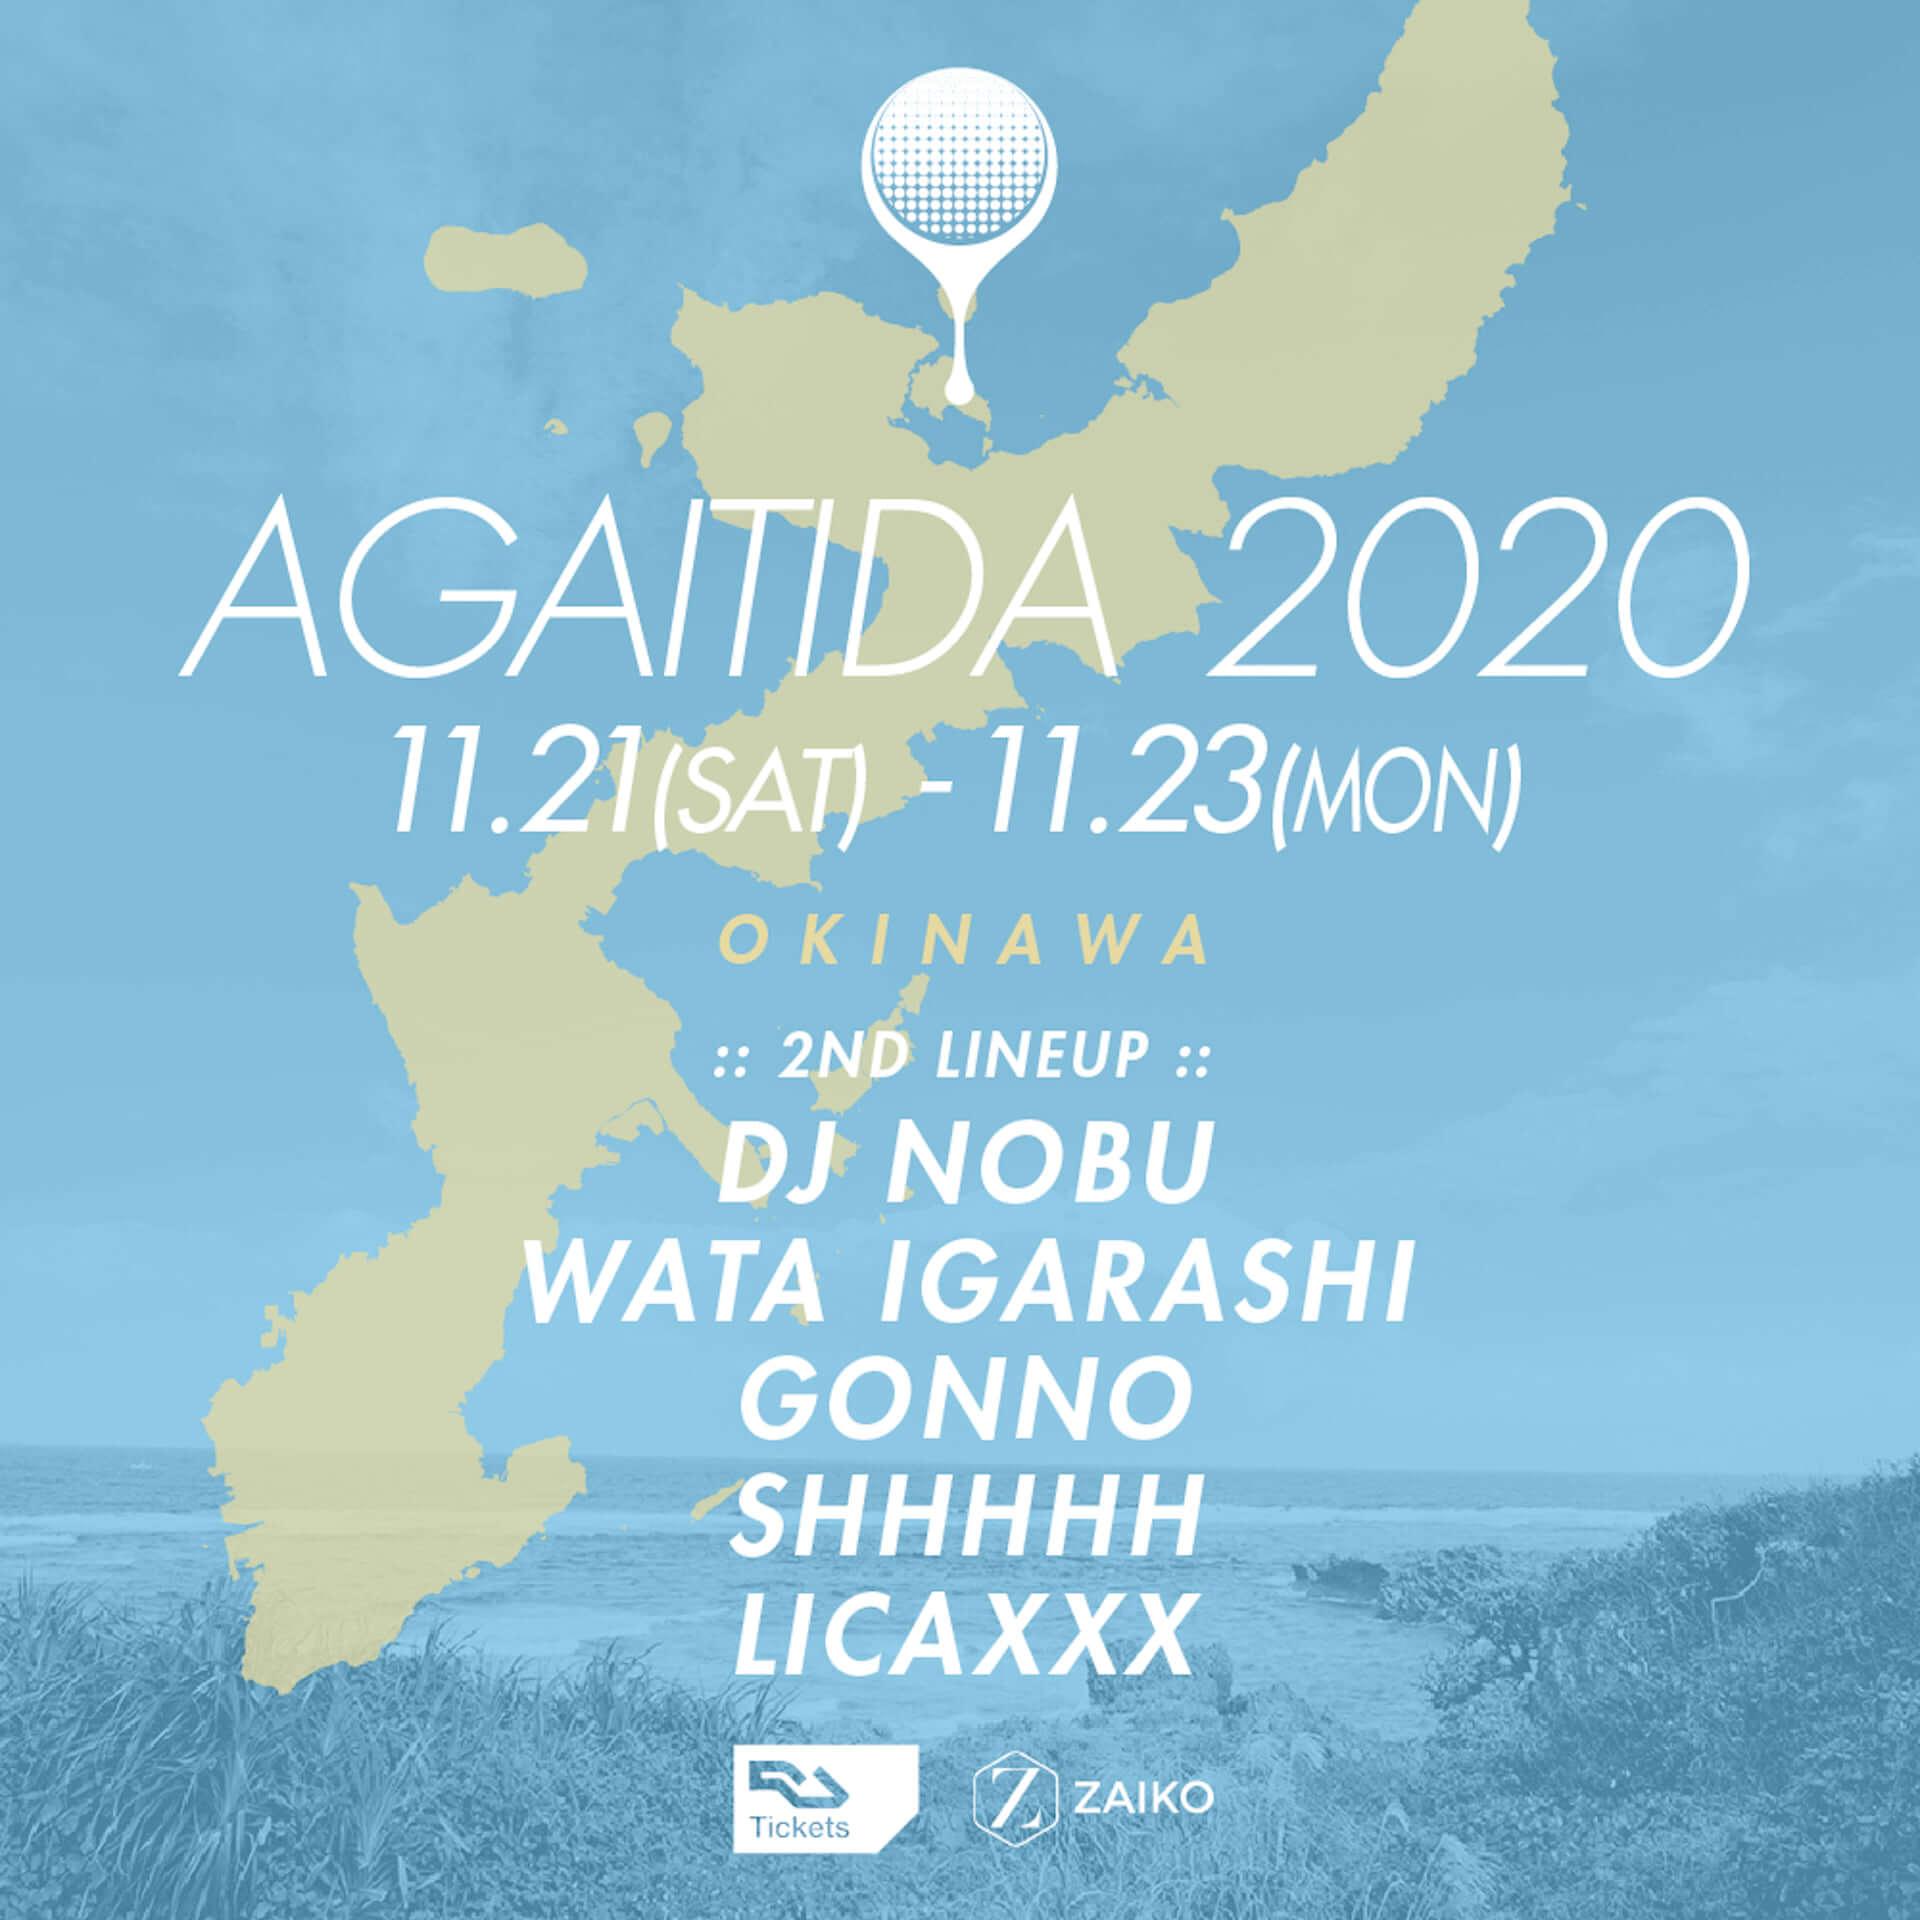 沖縄の絶景スポットで開催される野外フェス<Agaitida 2020>第2弾ラインナップが発表!DJ Nobu、Wata Igarashi、Gonno、Licaxxx、Shhhhhが出演決定 music201014_agaitida_1-1920x1920